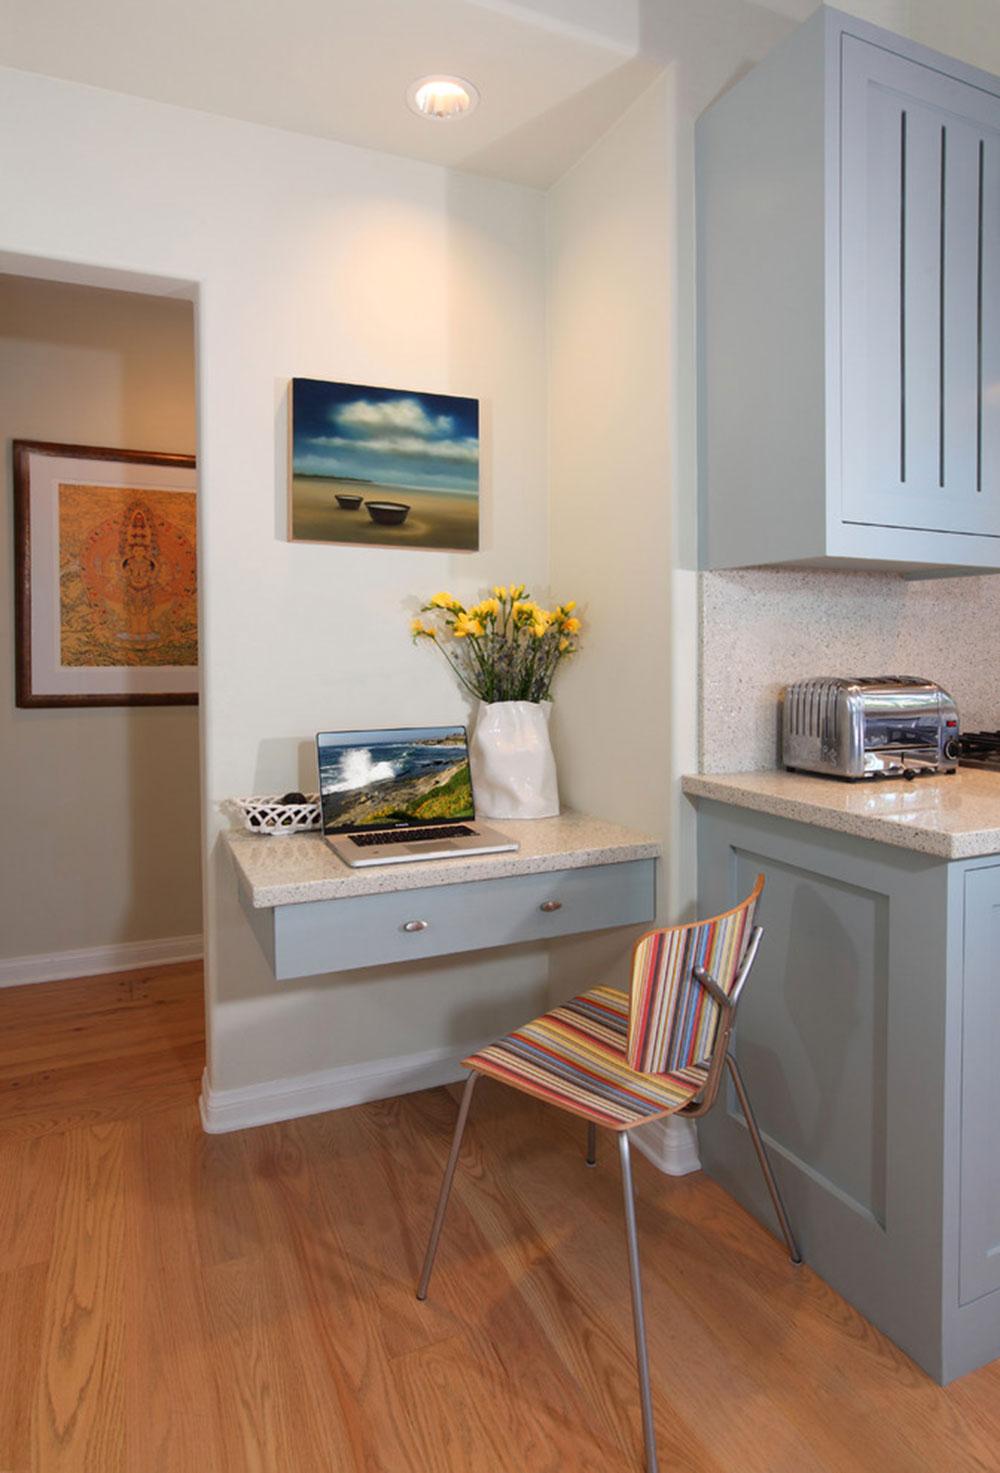 DIY-vägg-skrivbord-för-ett-trevligt jobb1 DIY väggmonterade skrivborddesignidéer